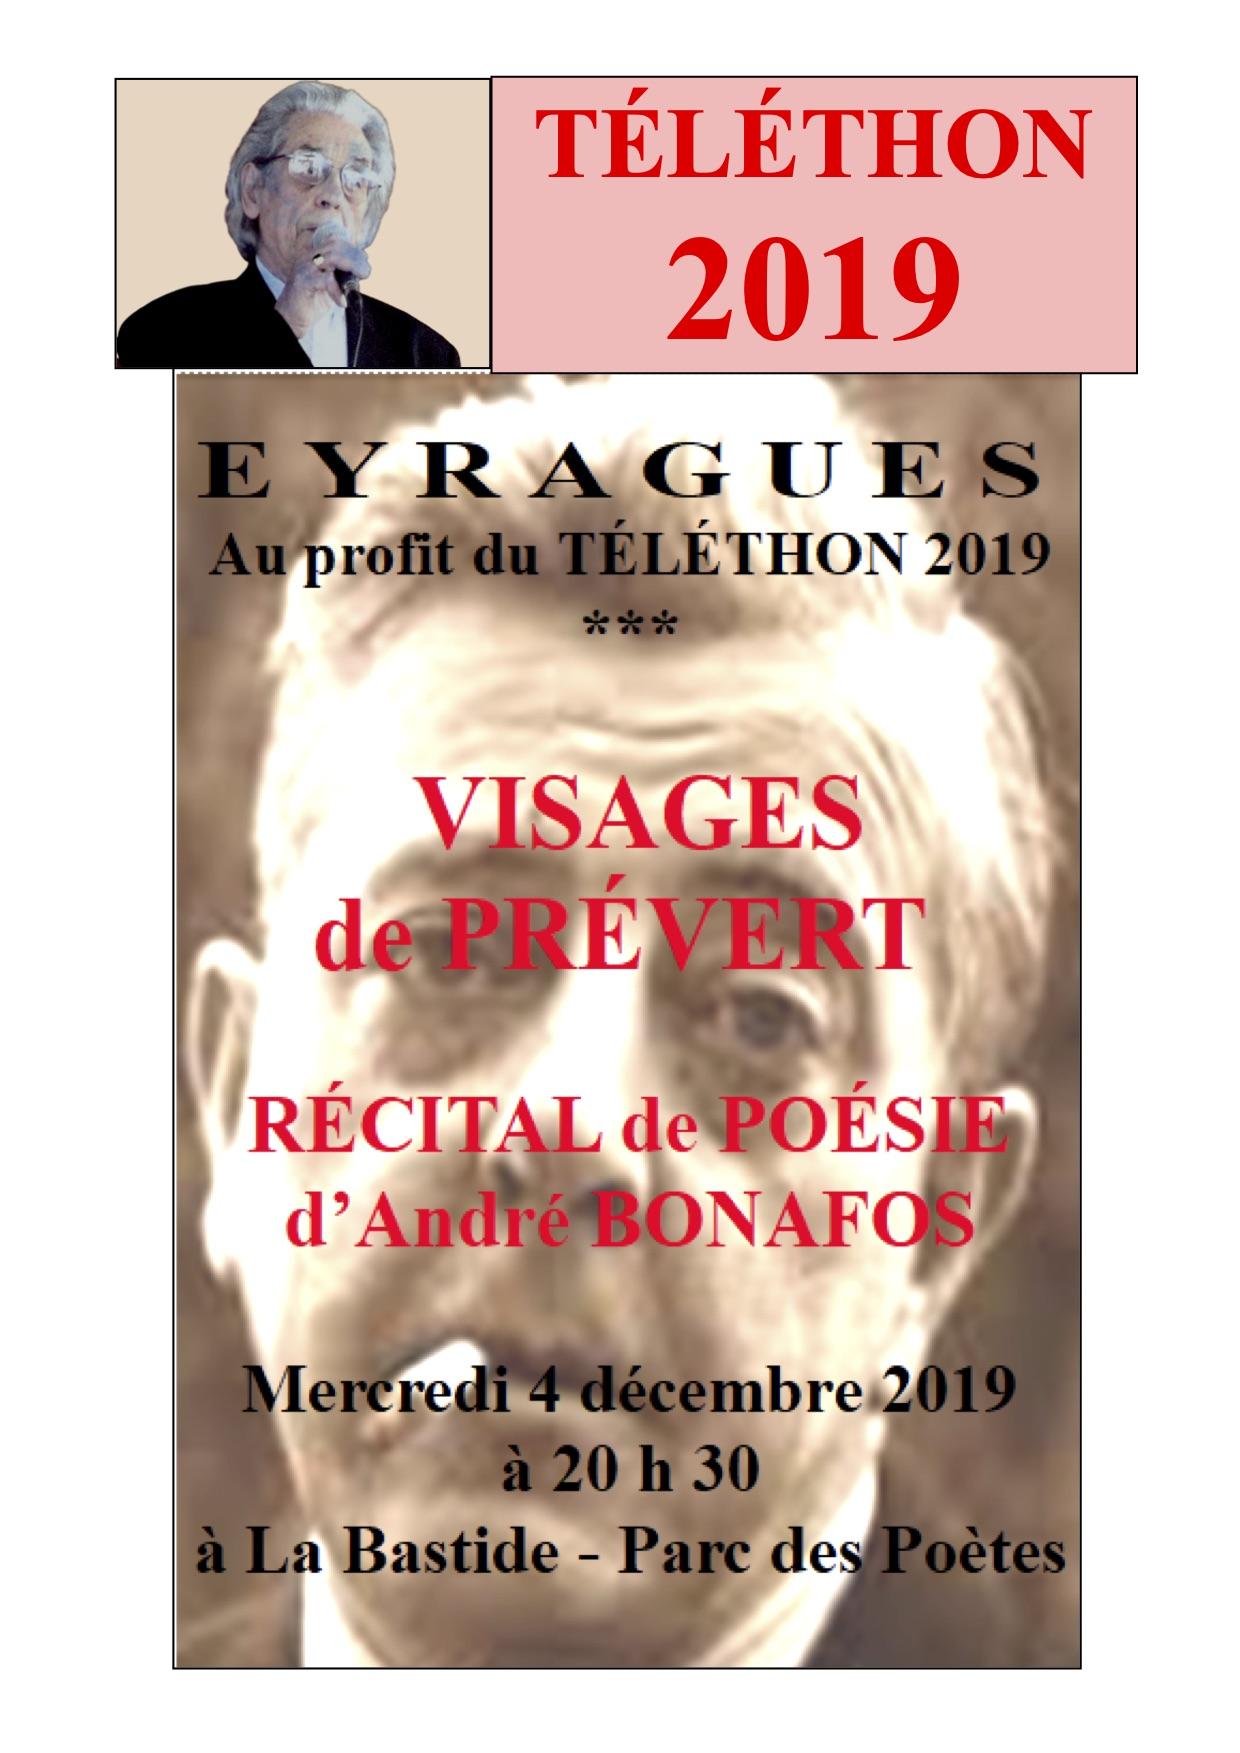 Récital de poésie d'André Bonafos au profit du Téléthon 2019 @ La Bastide - Parc des Poètes